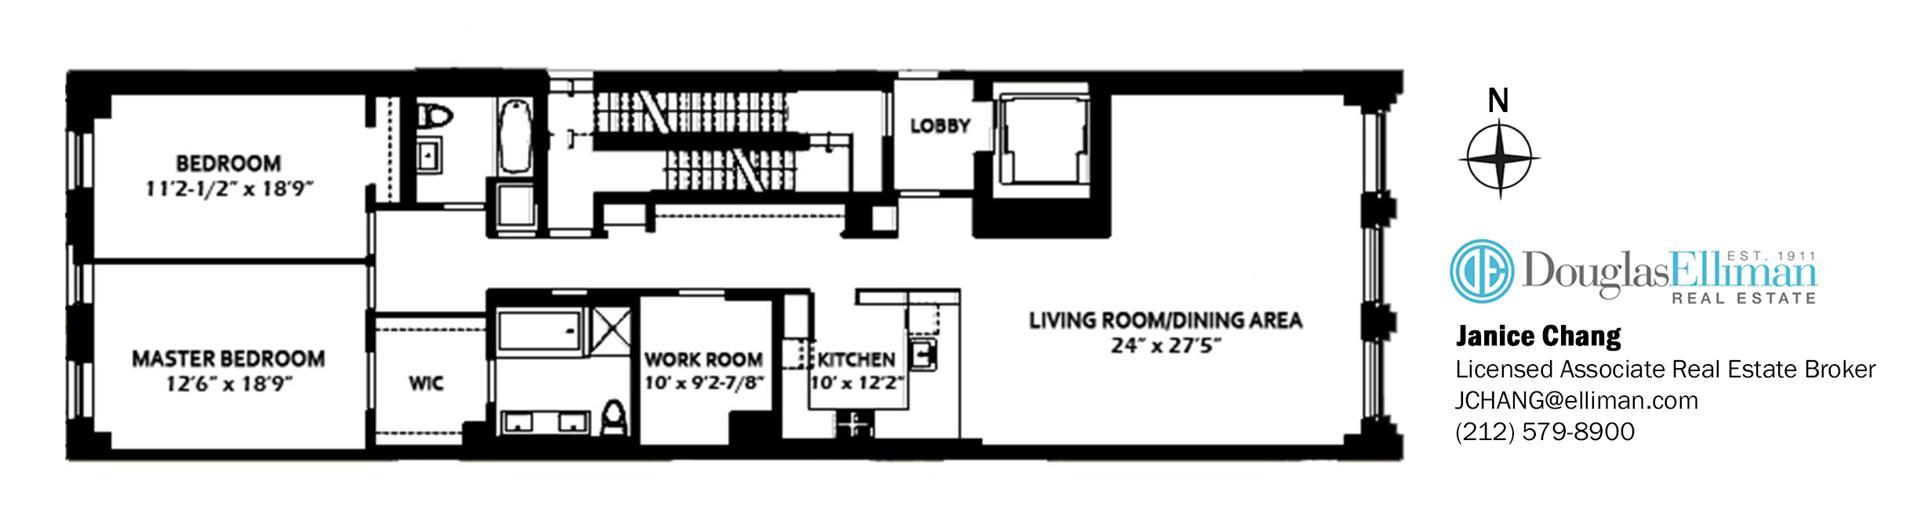 Floor plan of 115 Mercer St, 4B - SoHo - Nolita, New York